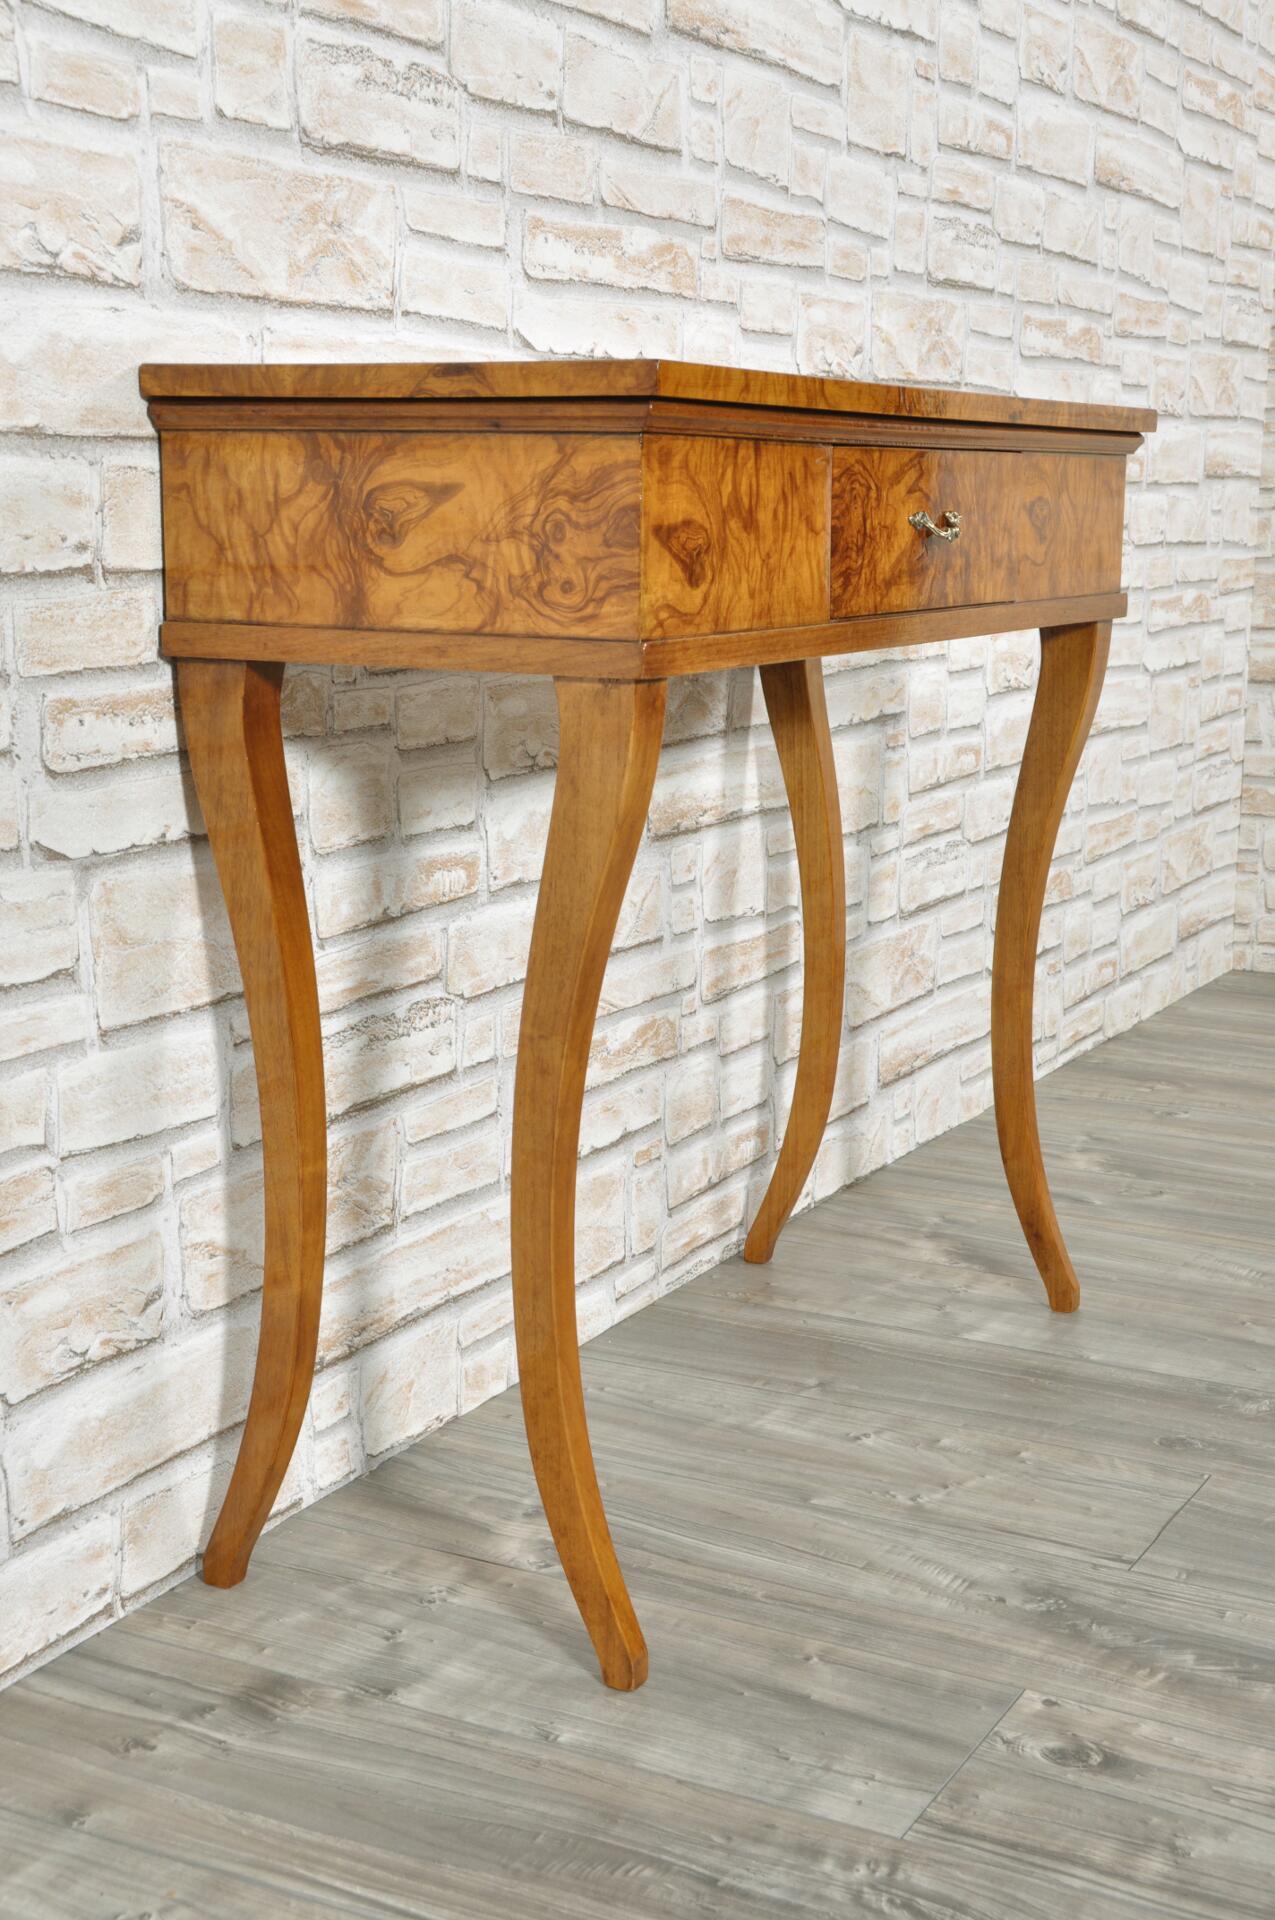 Elegante consolle di lusso da ingresso riprodotta in stile primo impero veneto mobili vangelista - Fabbriche di mobili in veneto ...